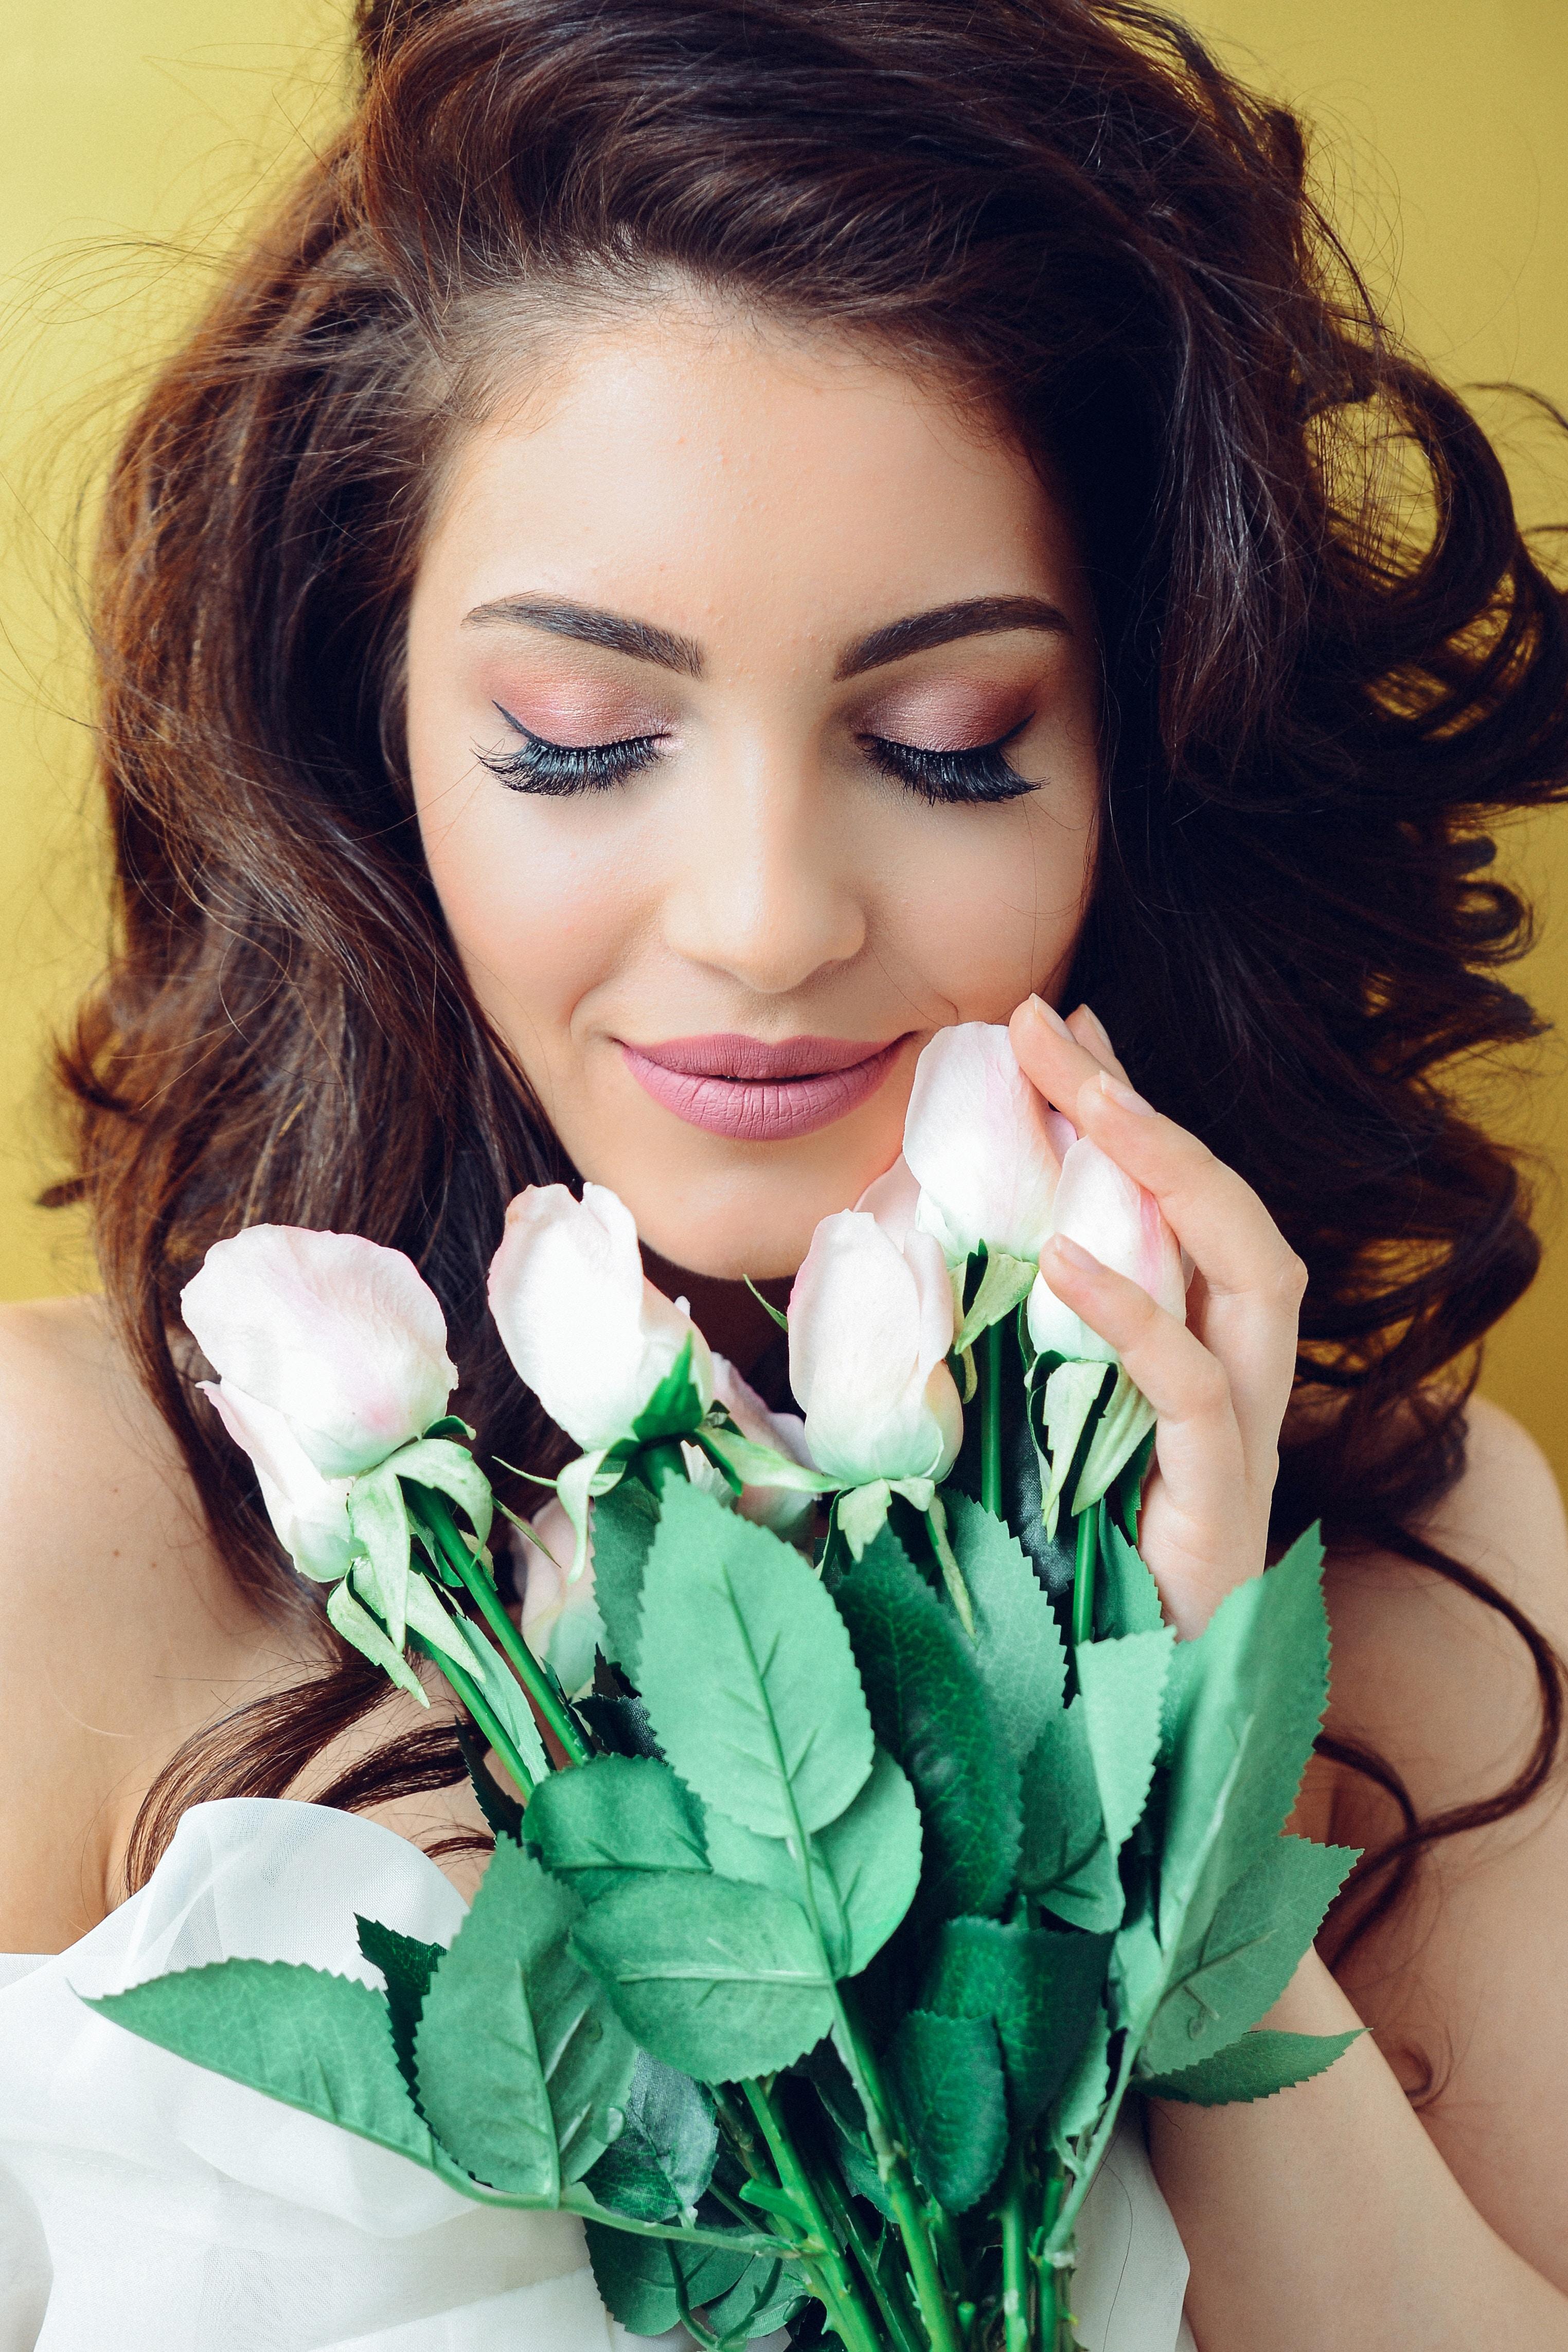 น้ำหอม น้ำหอมผู้หญิง กลิ่นน้ำหอม น้ำหอมกลิ่นดอกไม้